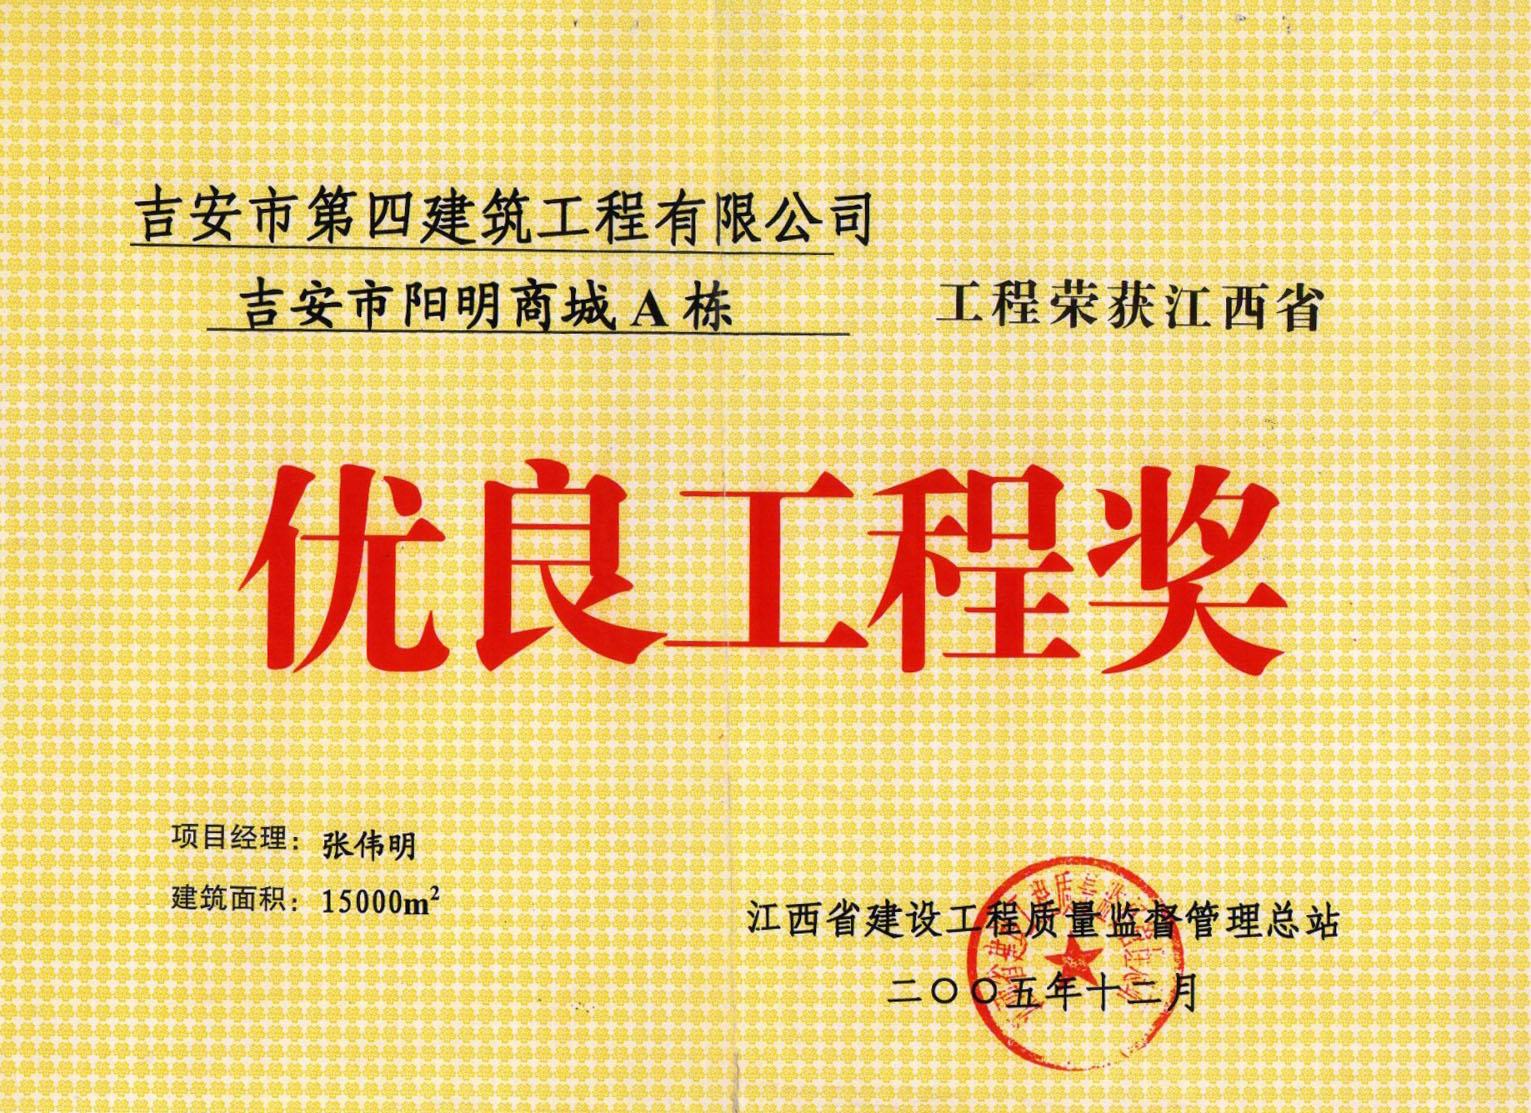 千赢国际|平台市阳明商城A栋.